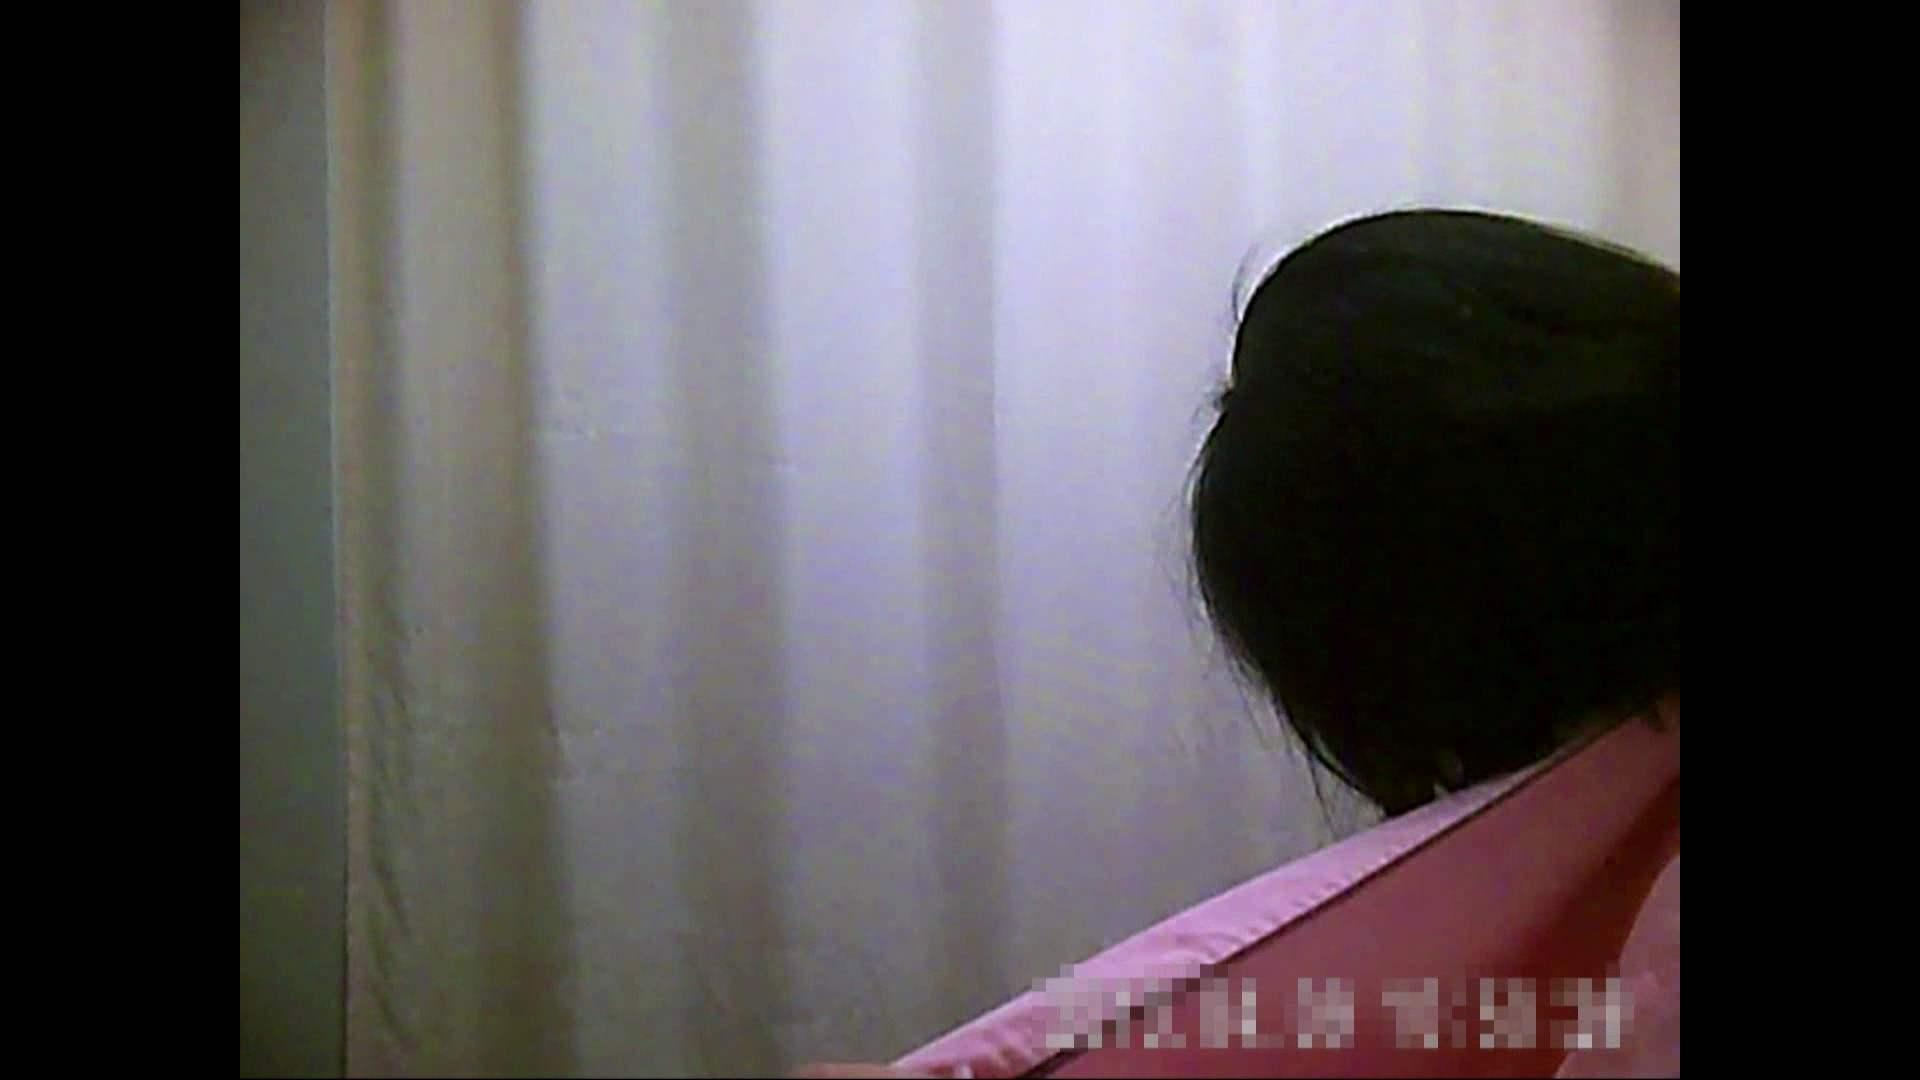 病院おもいっきり着替え! vol.199 エロティックなOL オマンコ動画キャプチャ 106画像 106